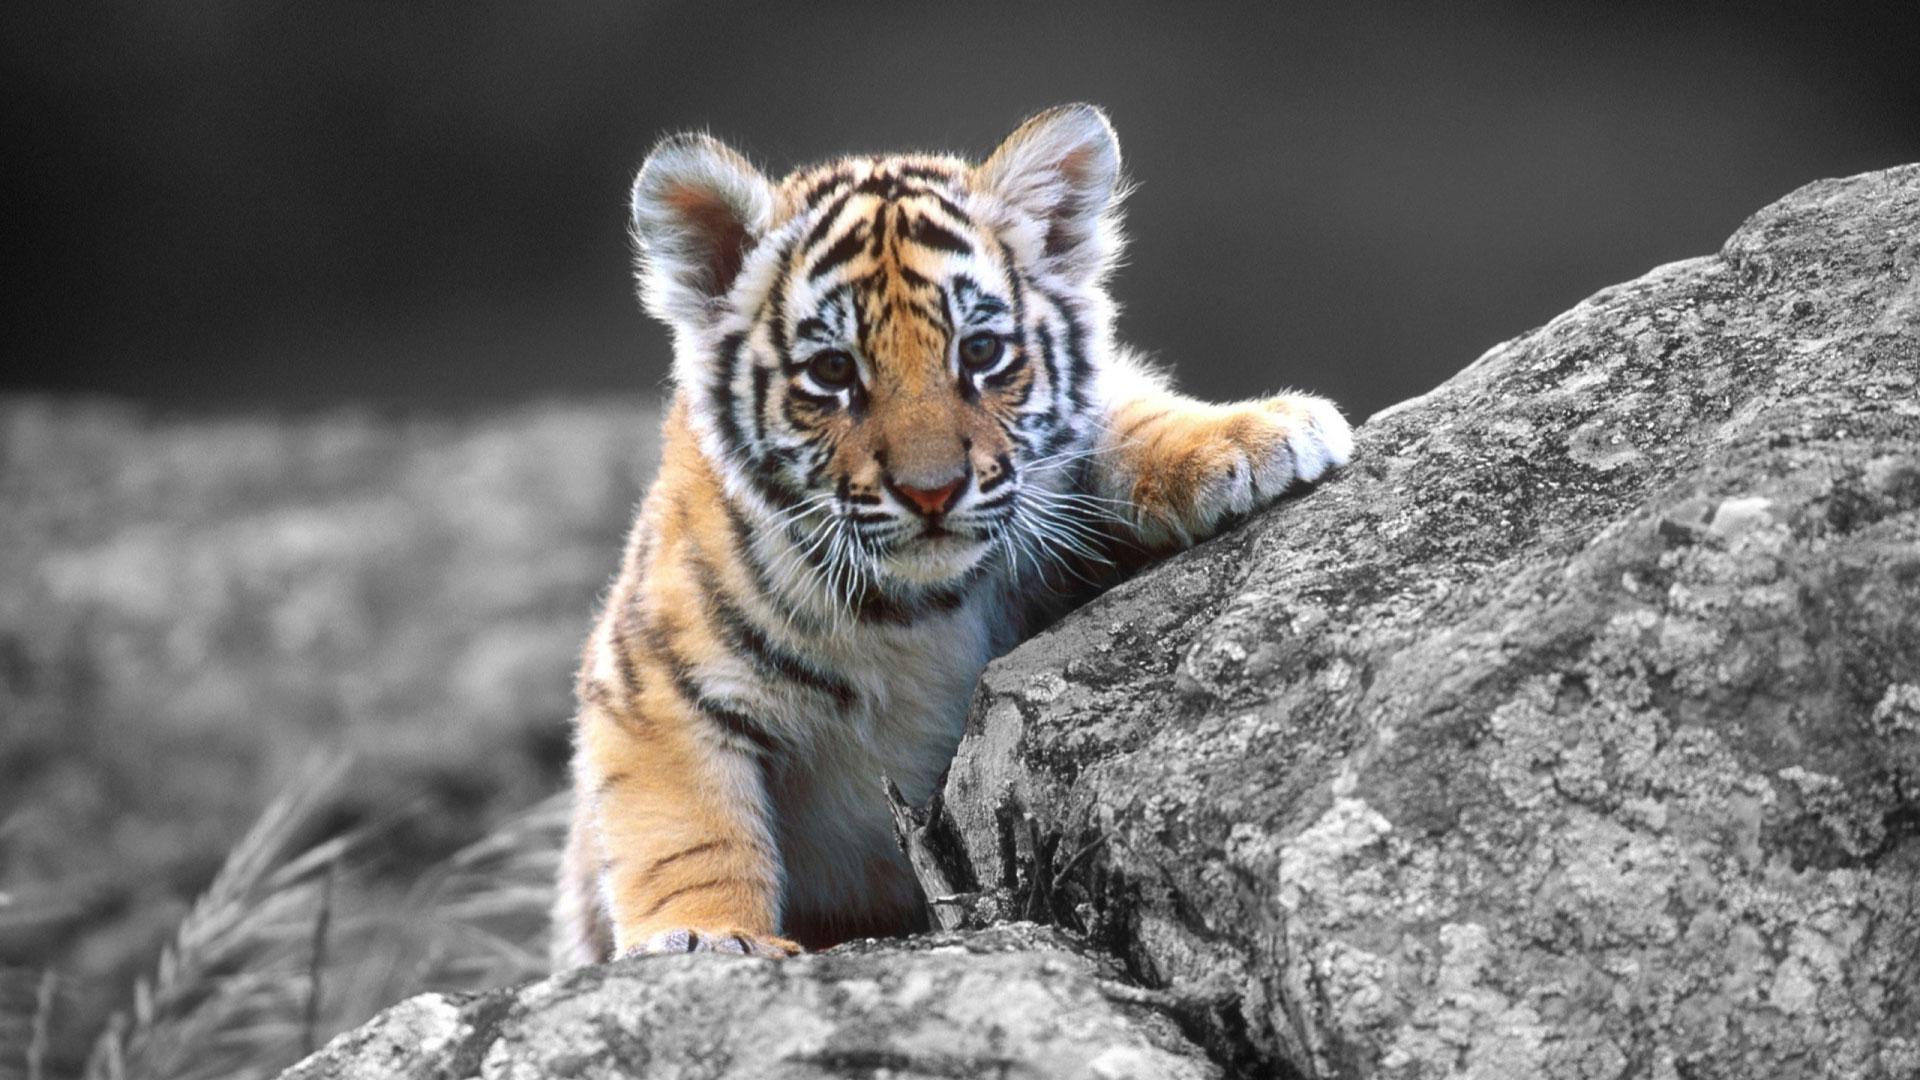 Wallpaper tiger cub wallpaper high definition wallpaper 1080p 1920x1080